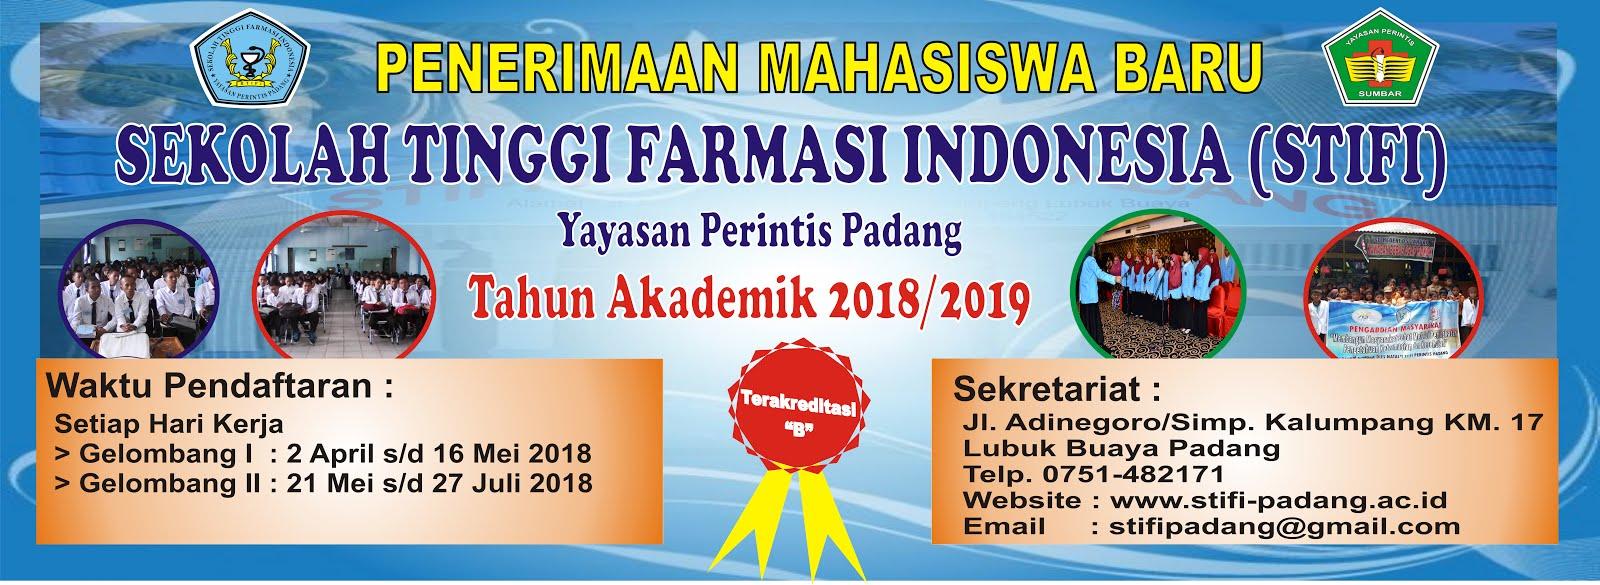 FORMULIR PENERIMAAN MAHASISWA BARU S1 FARMASI T.A 2018/2019